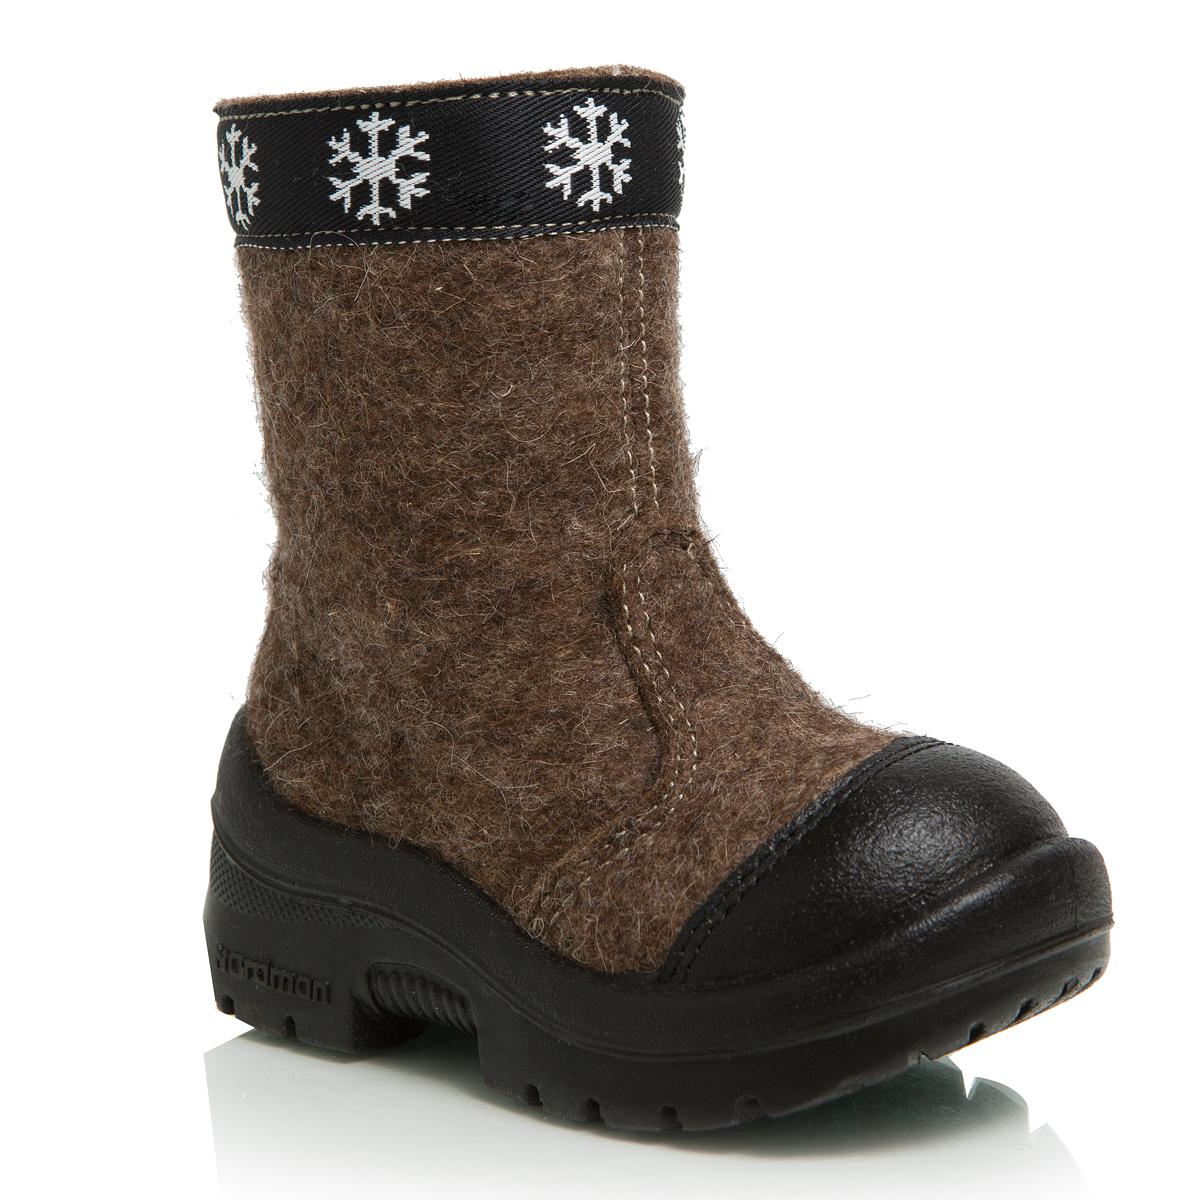 114010-02Валенки Nordman выполнены из качественного войлока. Носок дополнительно усилен вставкой из натуральной кожи. Модель оформлена декоративной брендовой нашивкой. На ноге модель фиксируется с помощью удобной застежки-молнии. Внутренняя поверхность выполнена из натуральной шерсти, которая обеспечит тепло и комфорт. Съемная стелька также выполнена из натуральной шерсти. Подошва изготовлена из полиуретана и дополнена протектором, который обеспечит отличное сцепление с любой поверхностью.